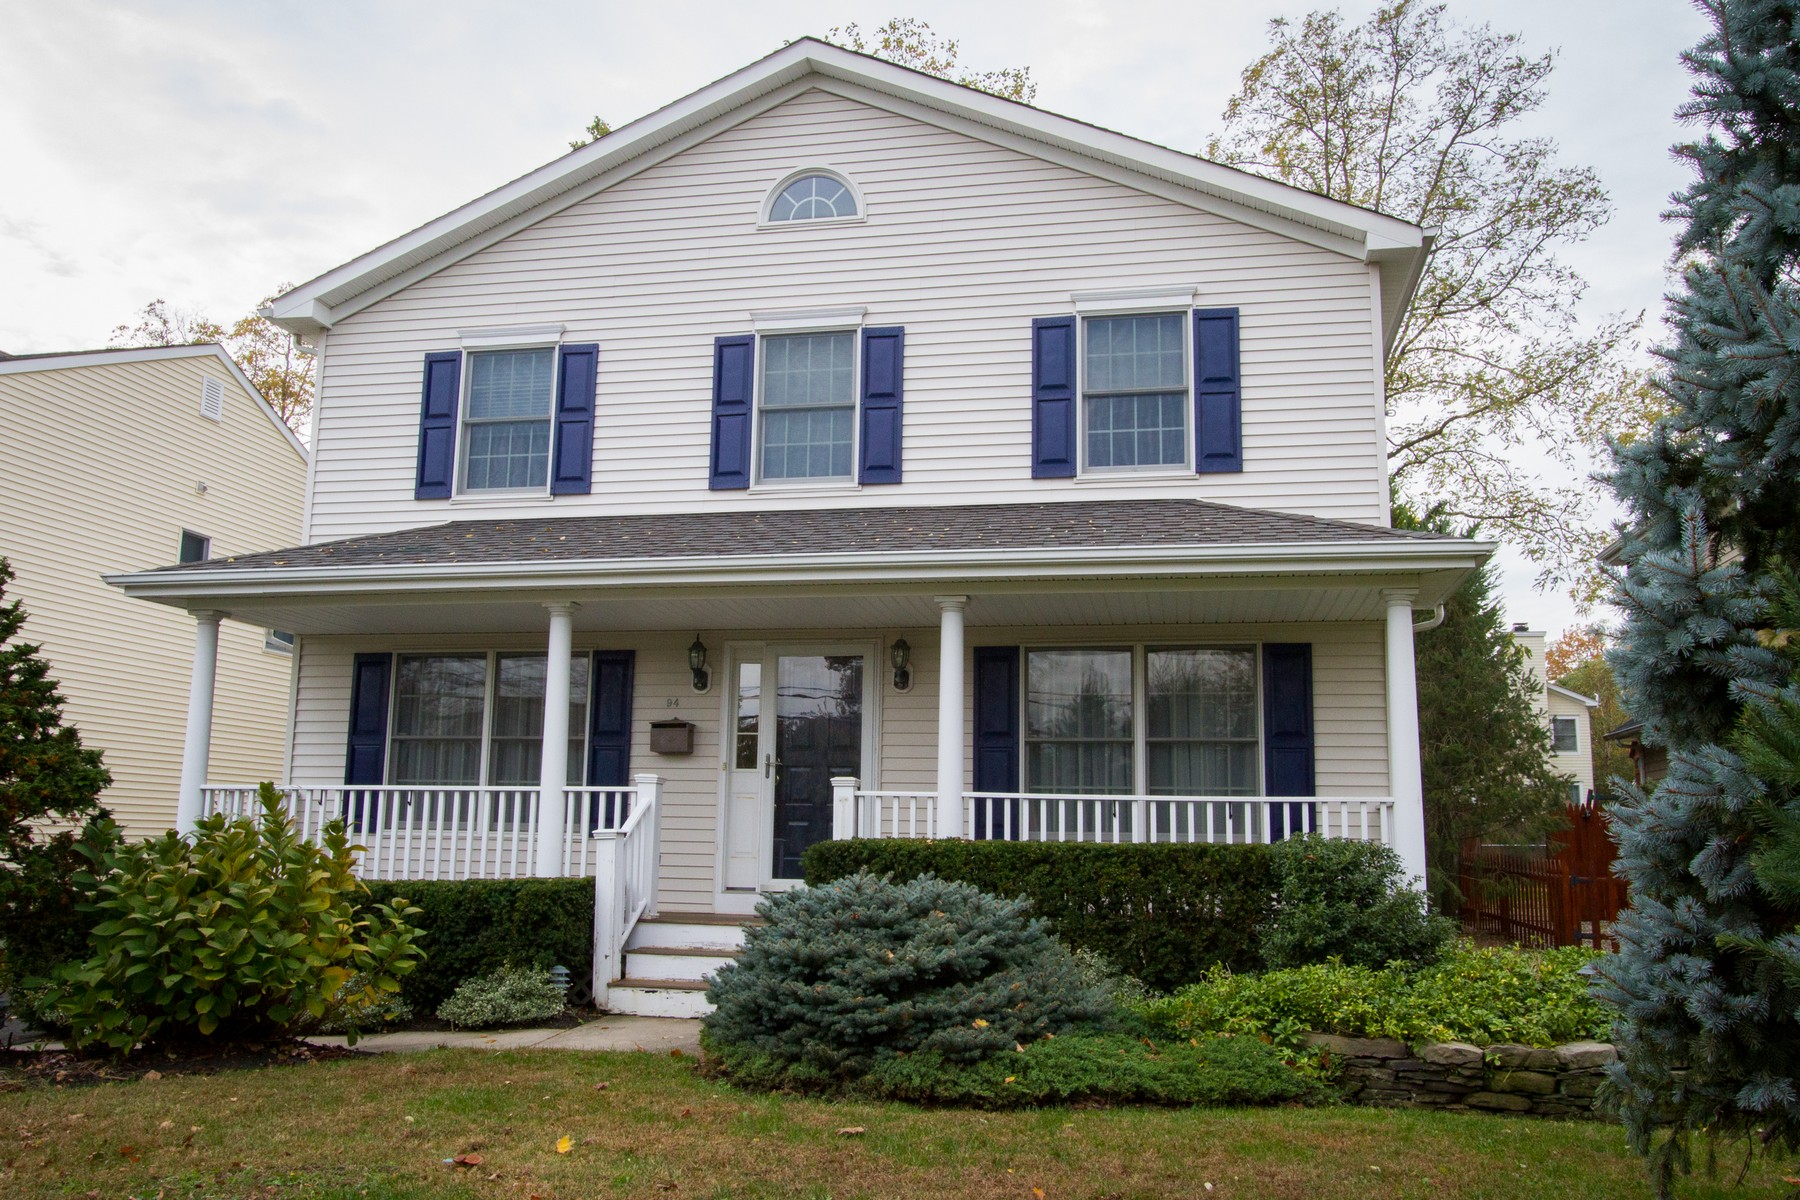 Casa Unifamiliar por un Venta en A Welcoming Front Porch 94 Avenue of Two Rivers Rumson, Nueva Jersey, 07760 Estados Unidos